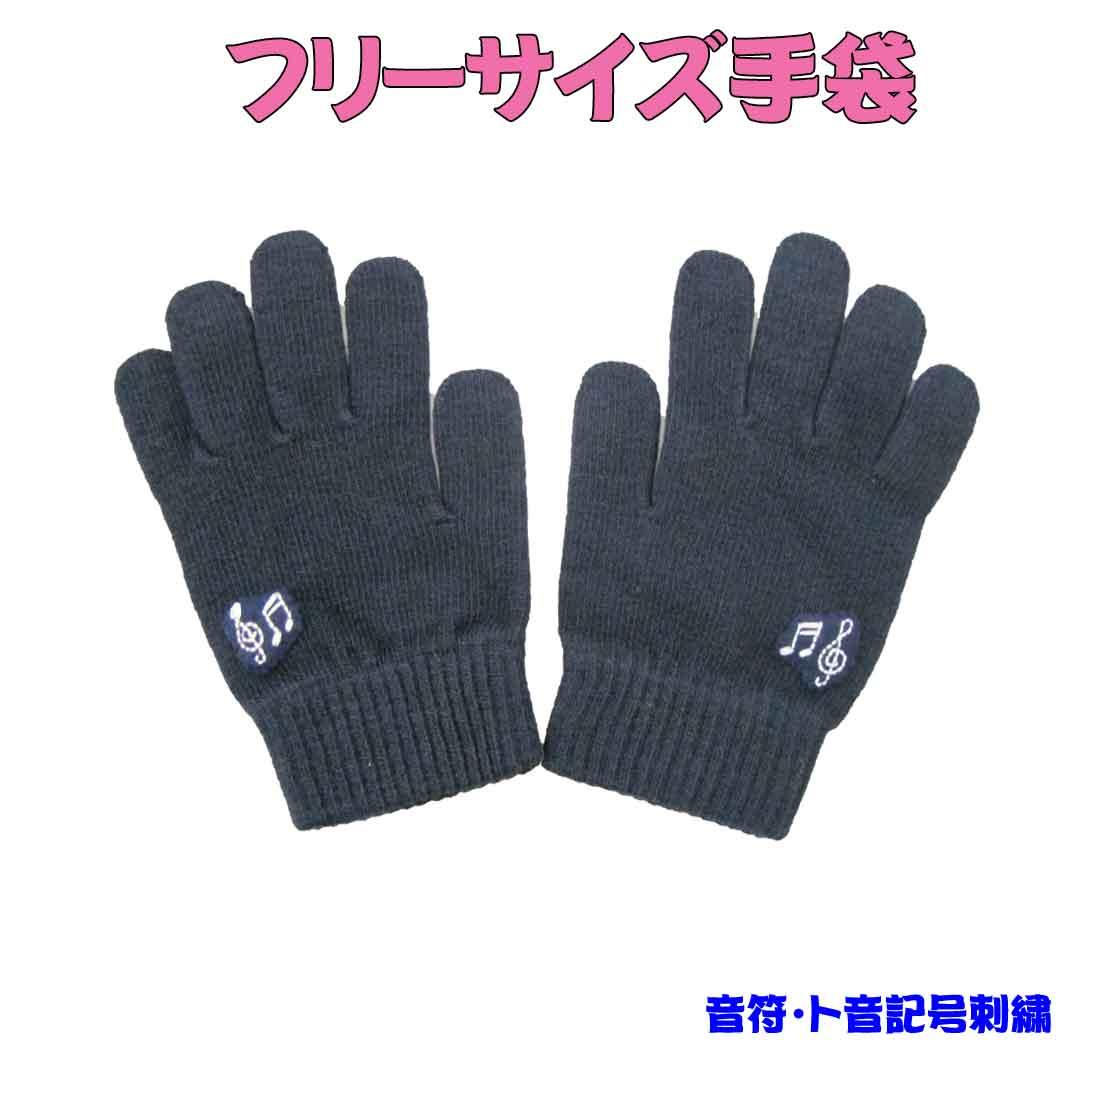 ファッション雑貨・小物, 手袋  ()